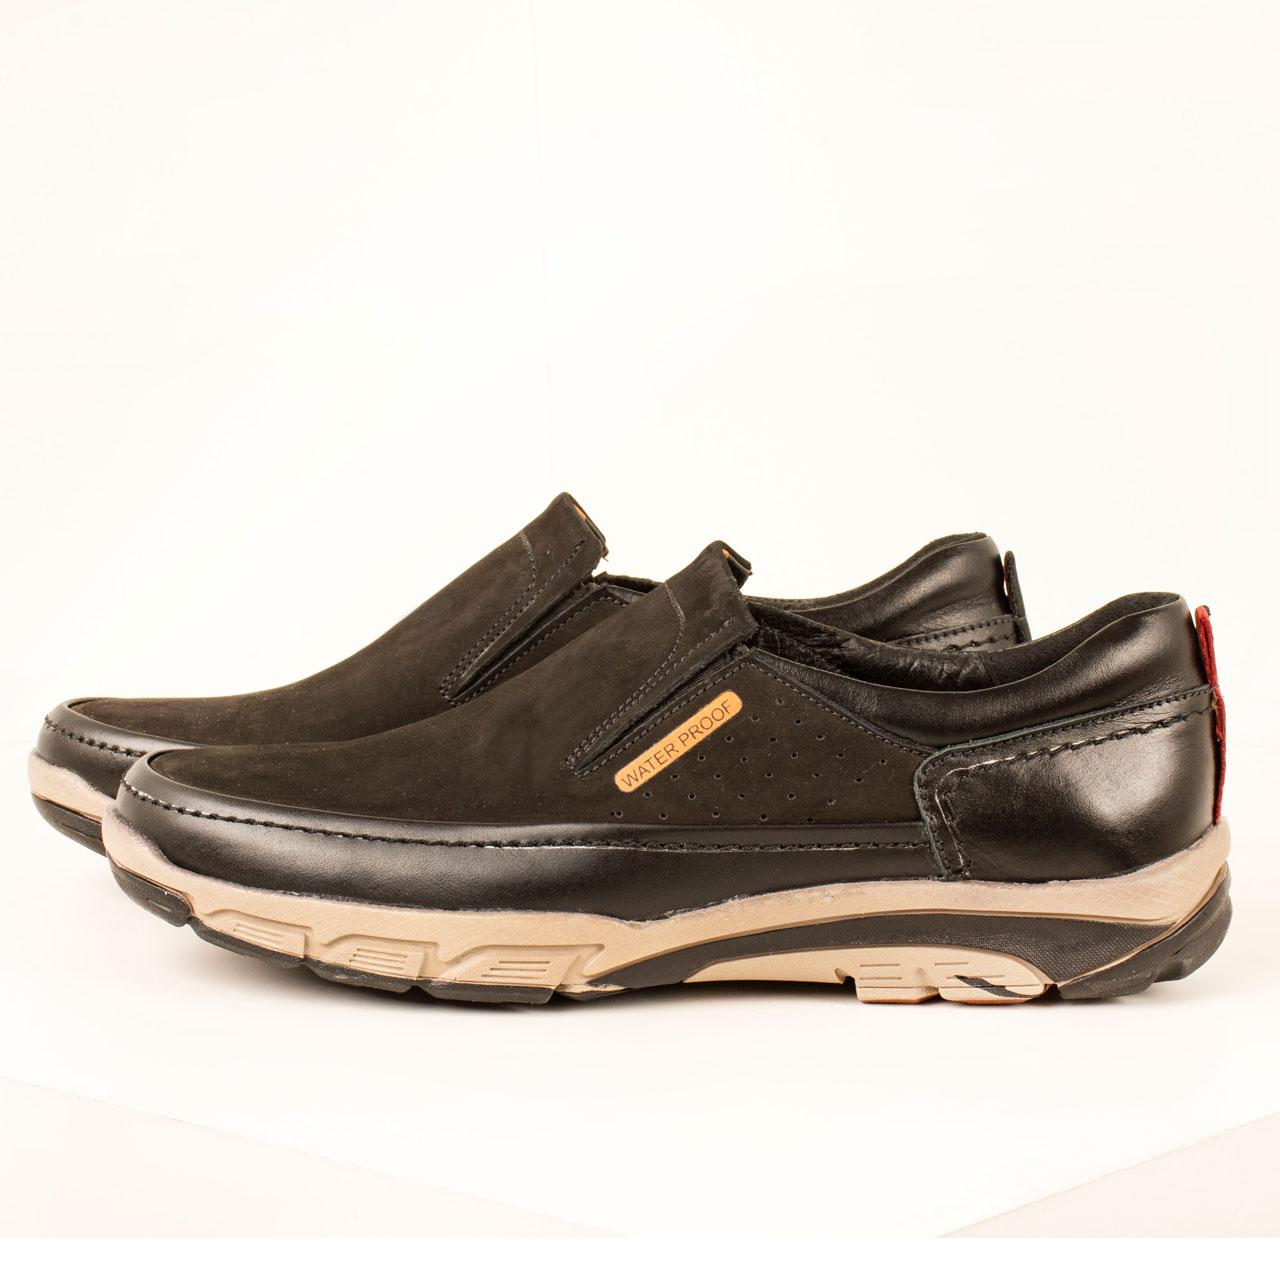 کفش روزمره مردانه پارینه چرم مدل SHO179 -  - 2